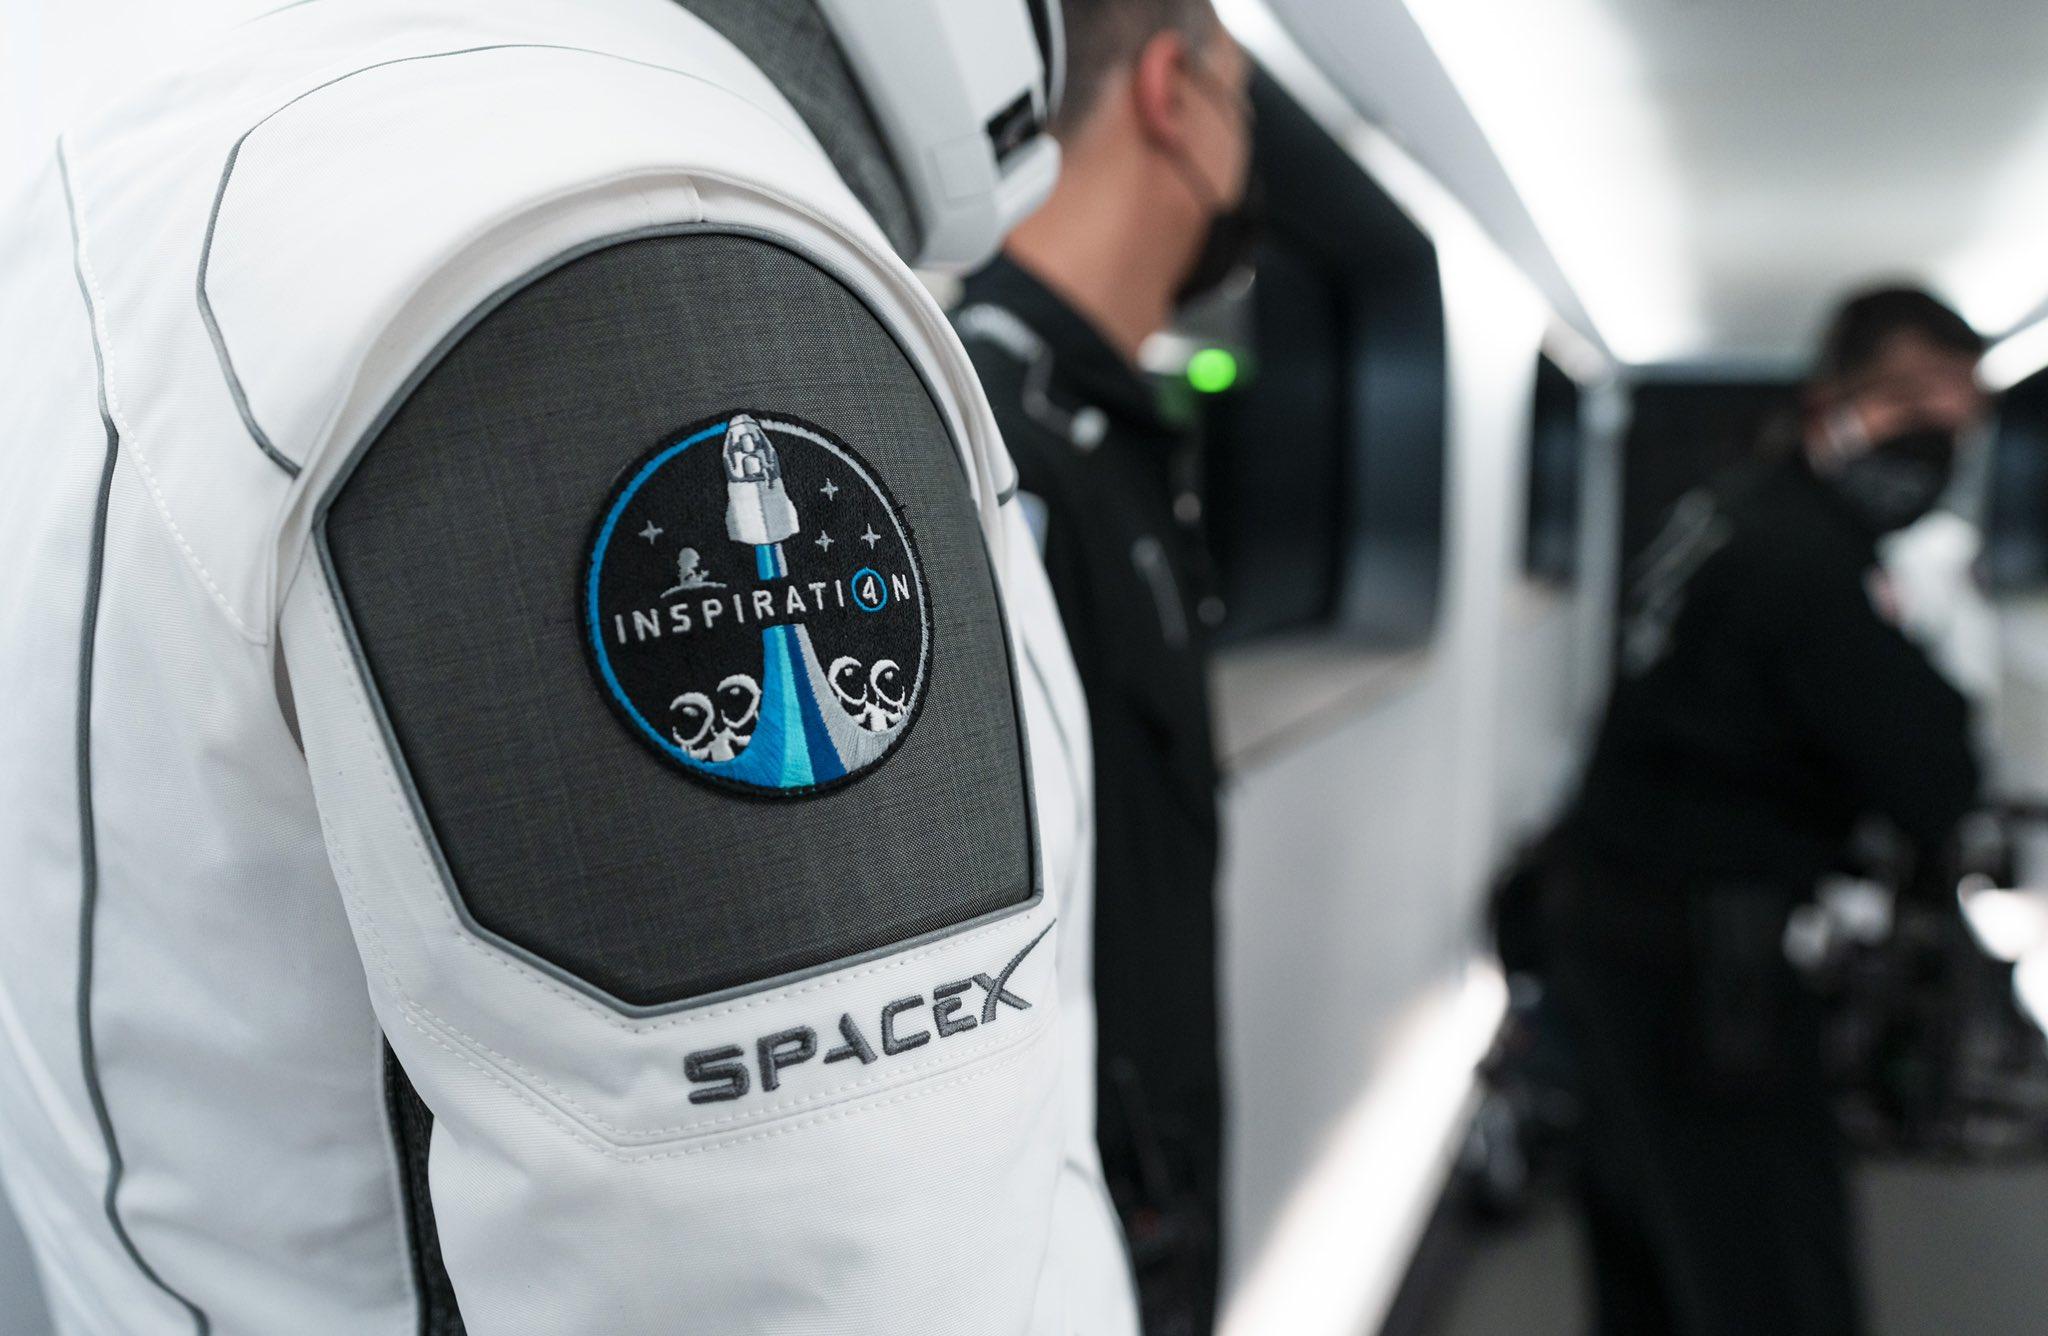 """Inspiration 4, misiunea care va lansa pe orbita primul echipaj alcatuit doar din """"civili"""" care nu sunt astronauti profesionisti"""